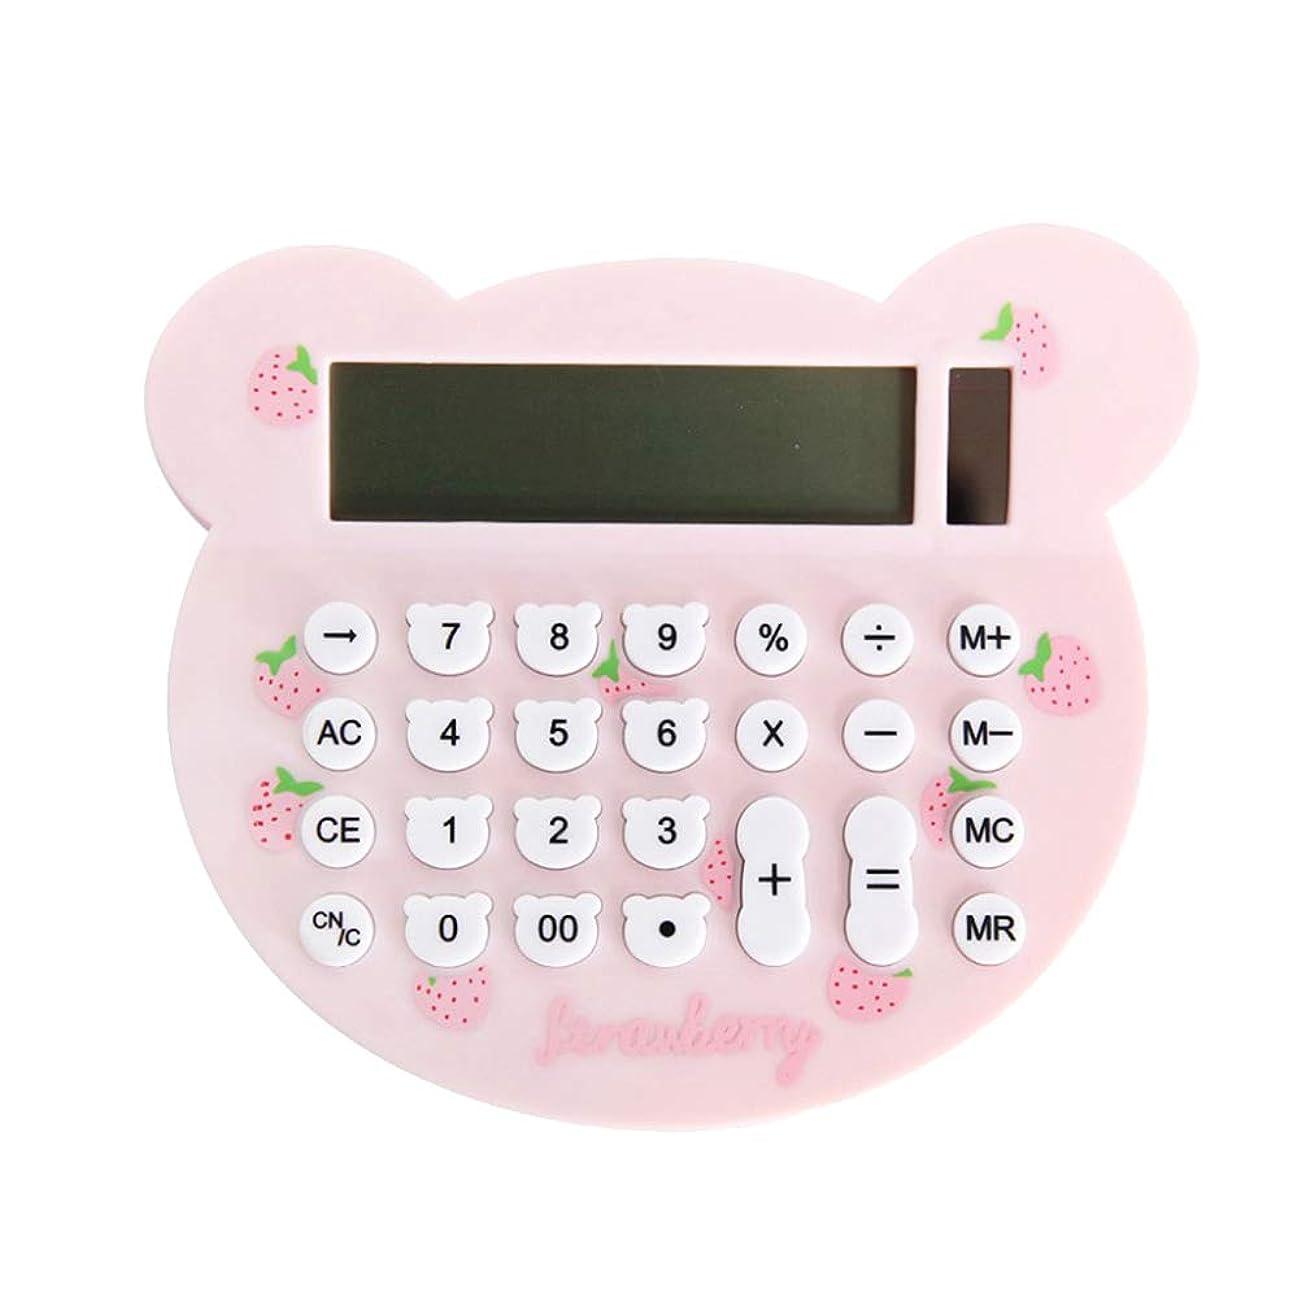 減少豪華なアトラスToyvian 電卓 電子ミニ電卓 かわいい猫の形 ソーラーバッテリー LCDディスプレイ 金融 オフィス 学生用 (ランダムカラー)